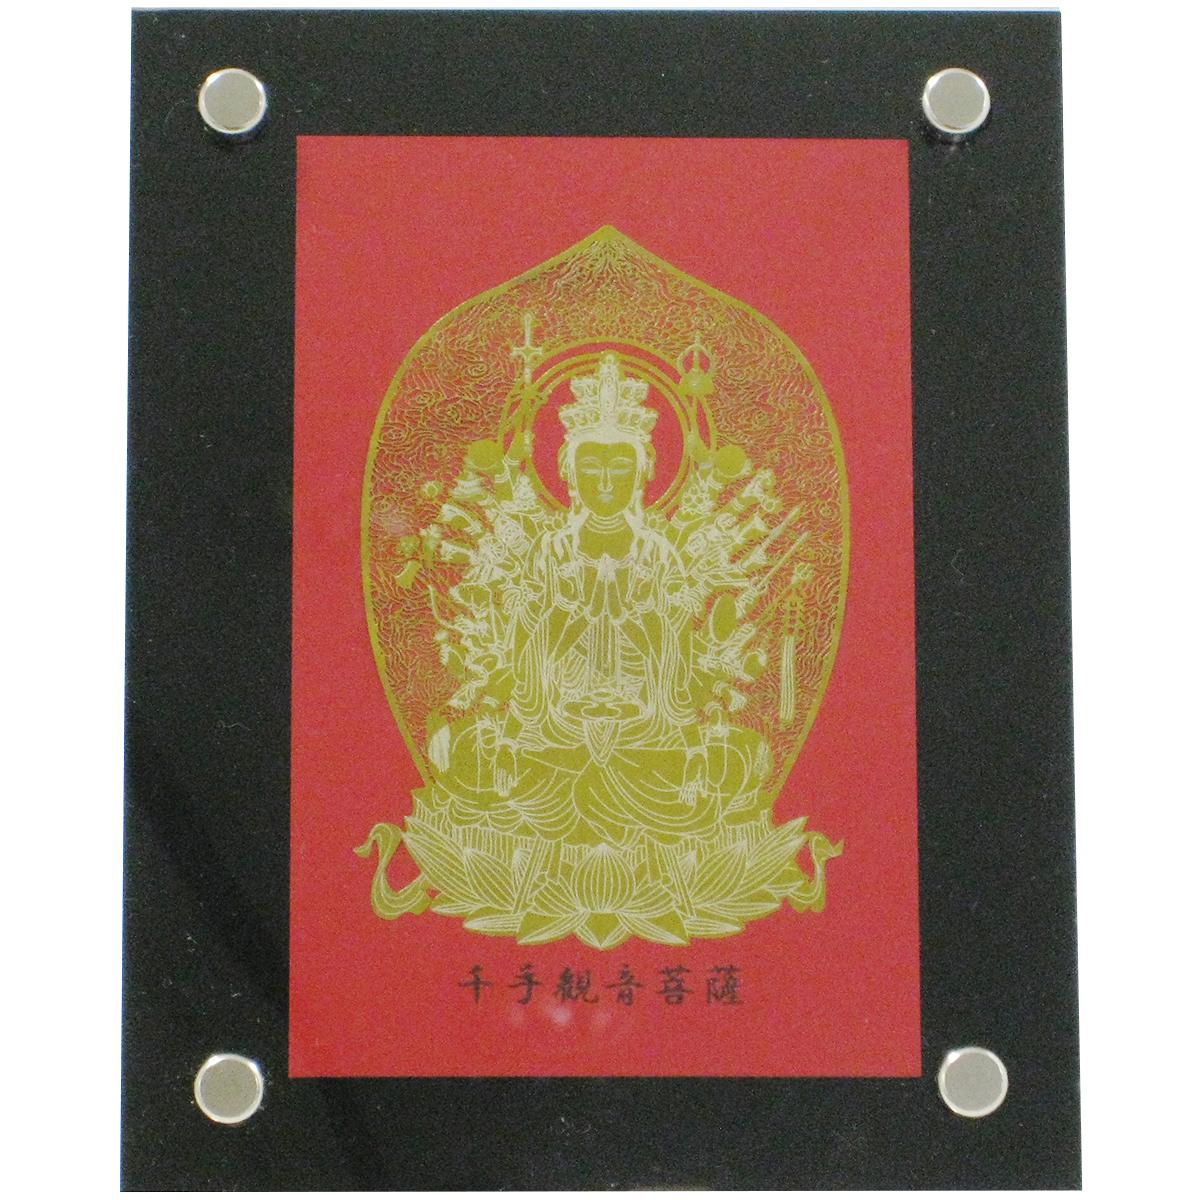 ご本尊の魂宿る 純チタン製 千手観音菩薩像 〔16.5×13cm〕 置き物 インテリア 三重 アキヤマ